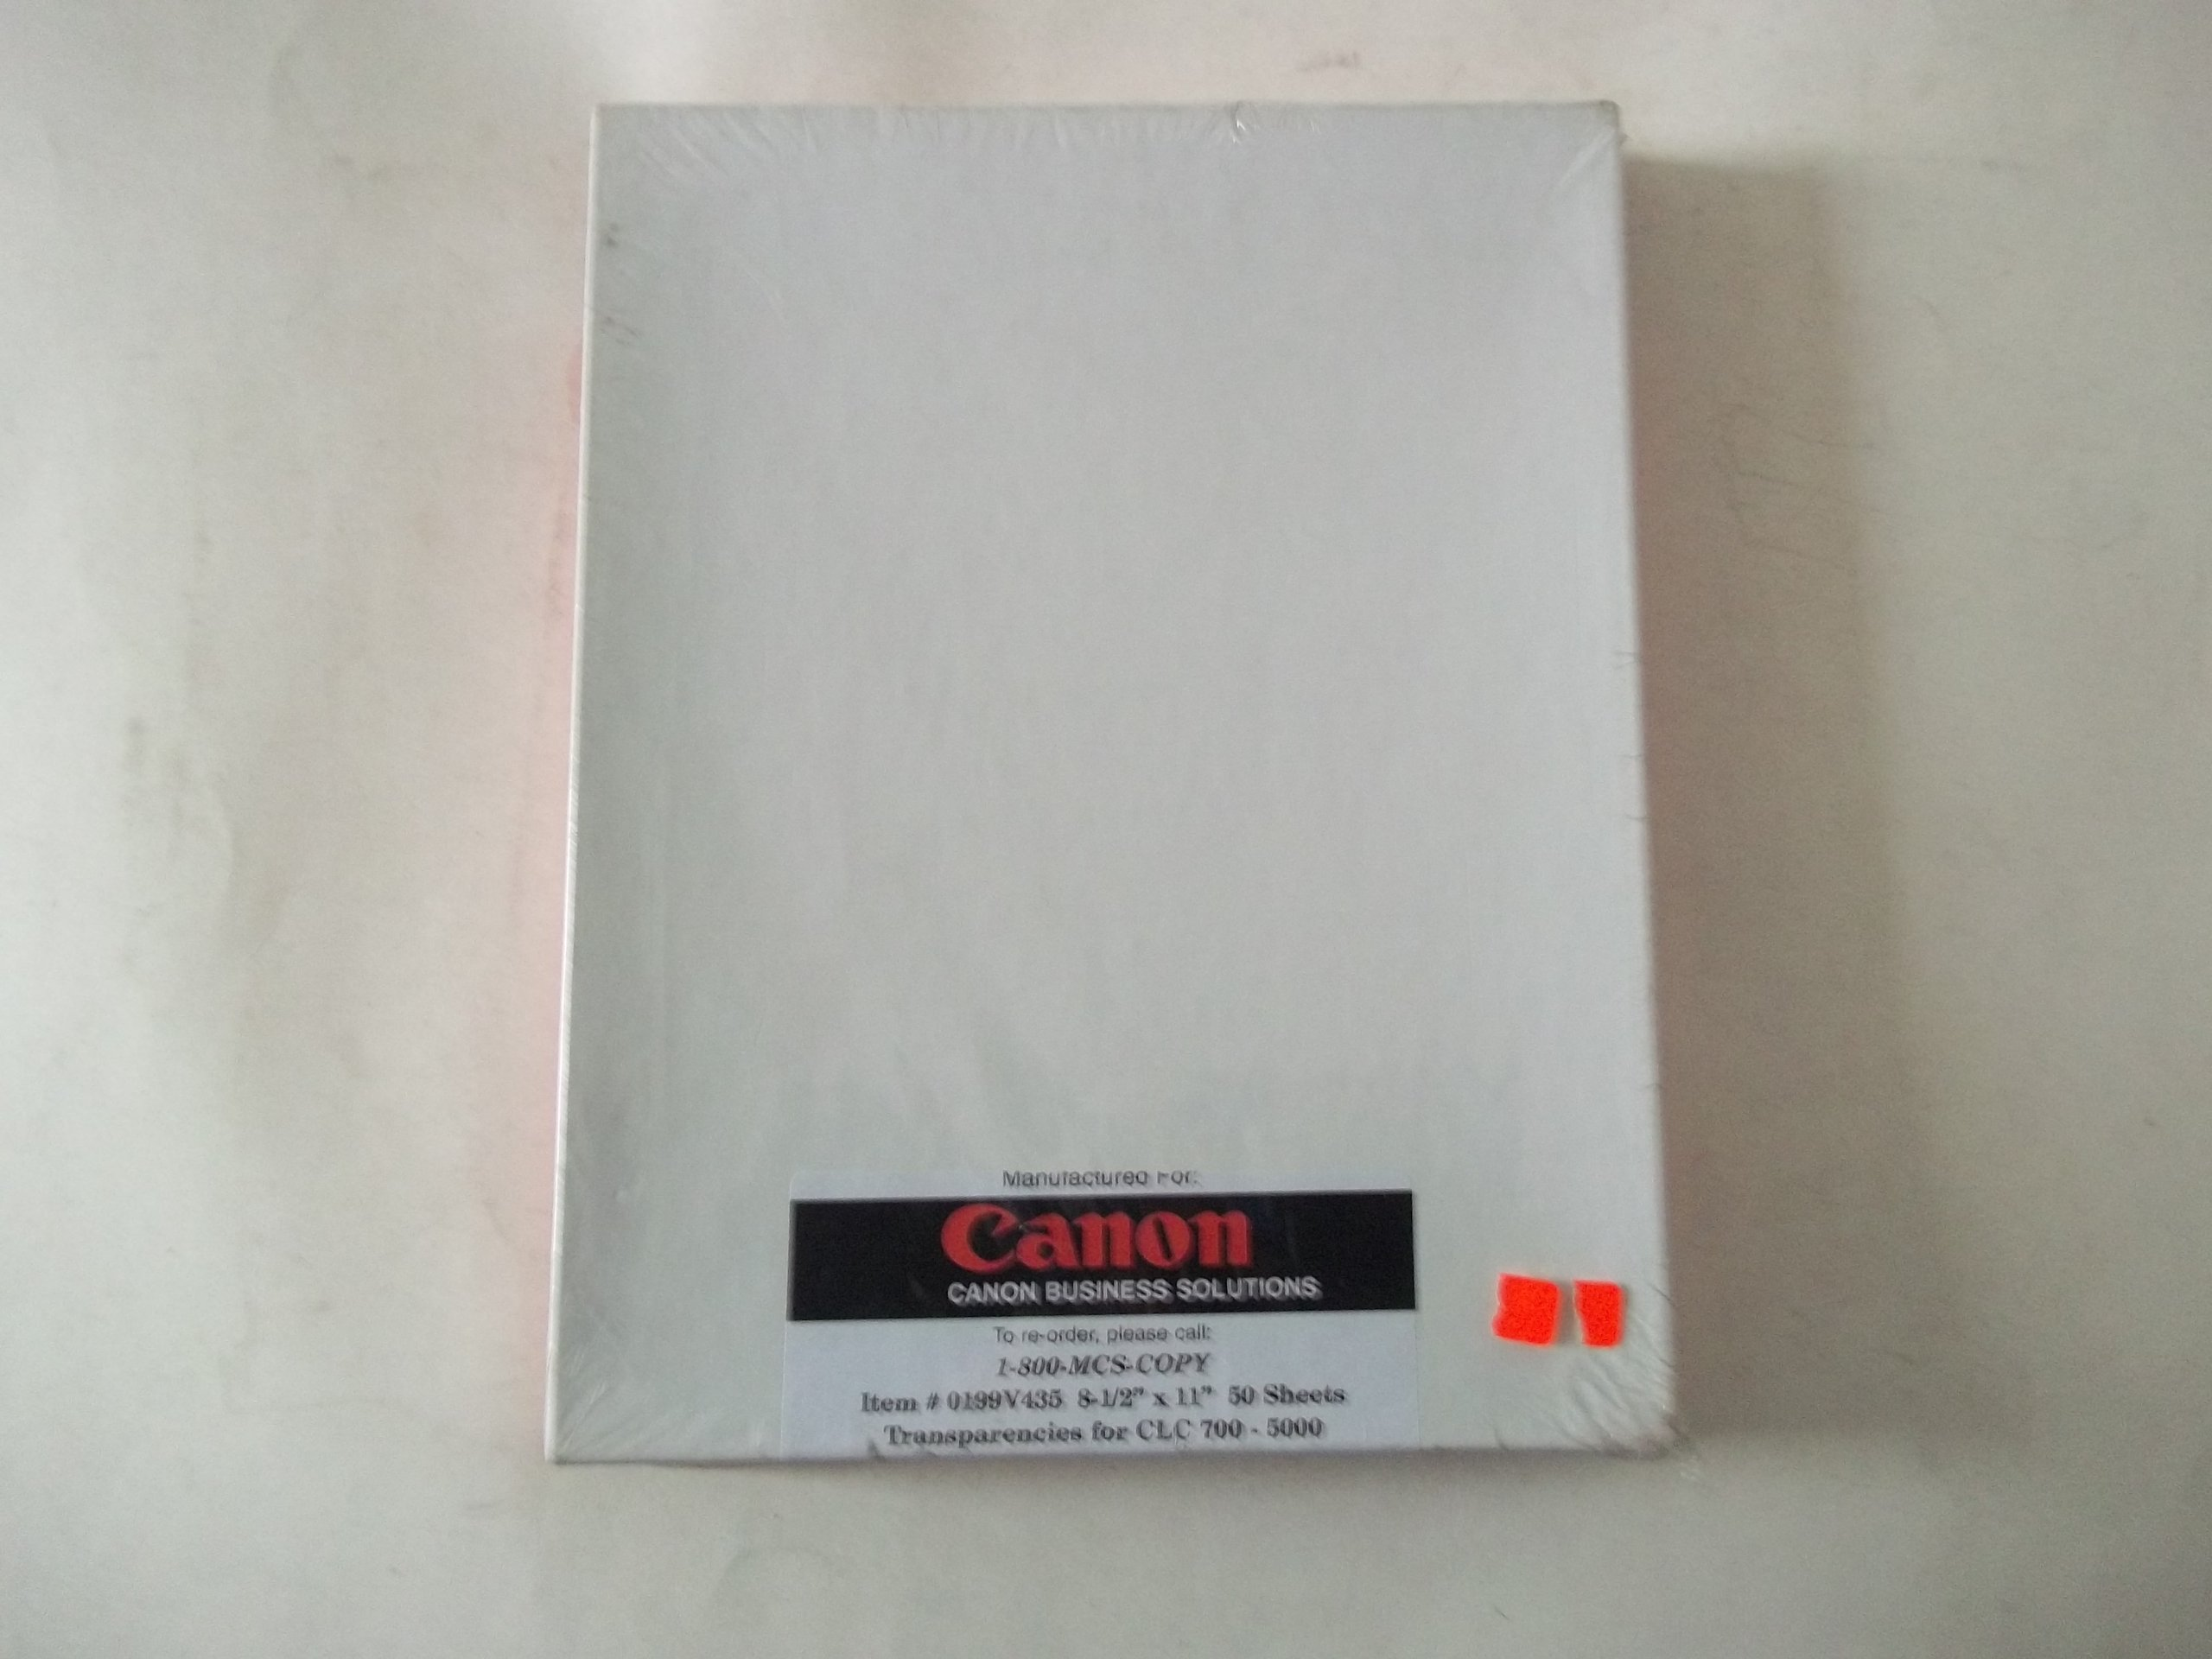 Canon 0199V435 8 1/2'' x 11'' 50 Sheets Transparencies for CLC 700 - 5000